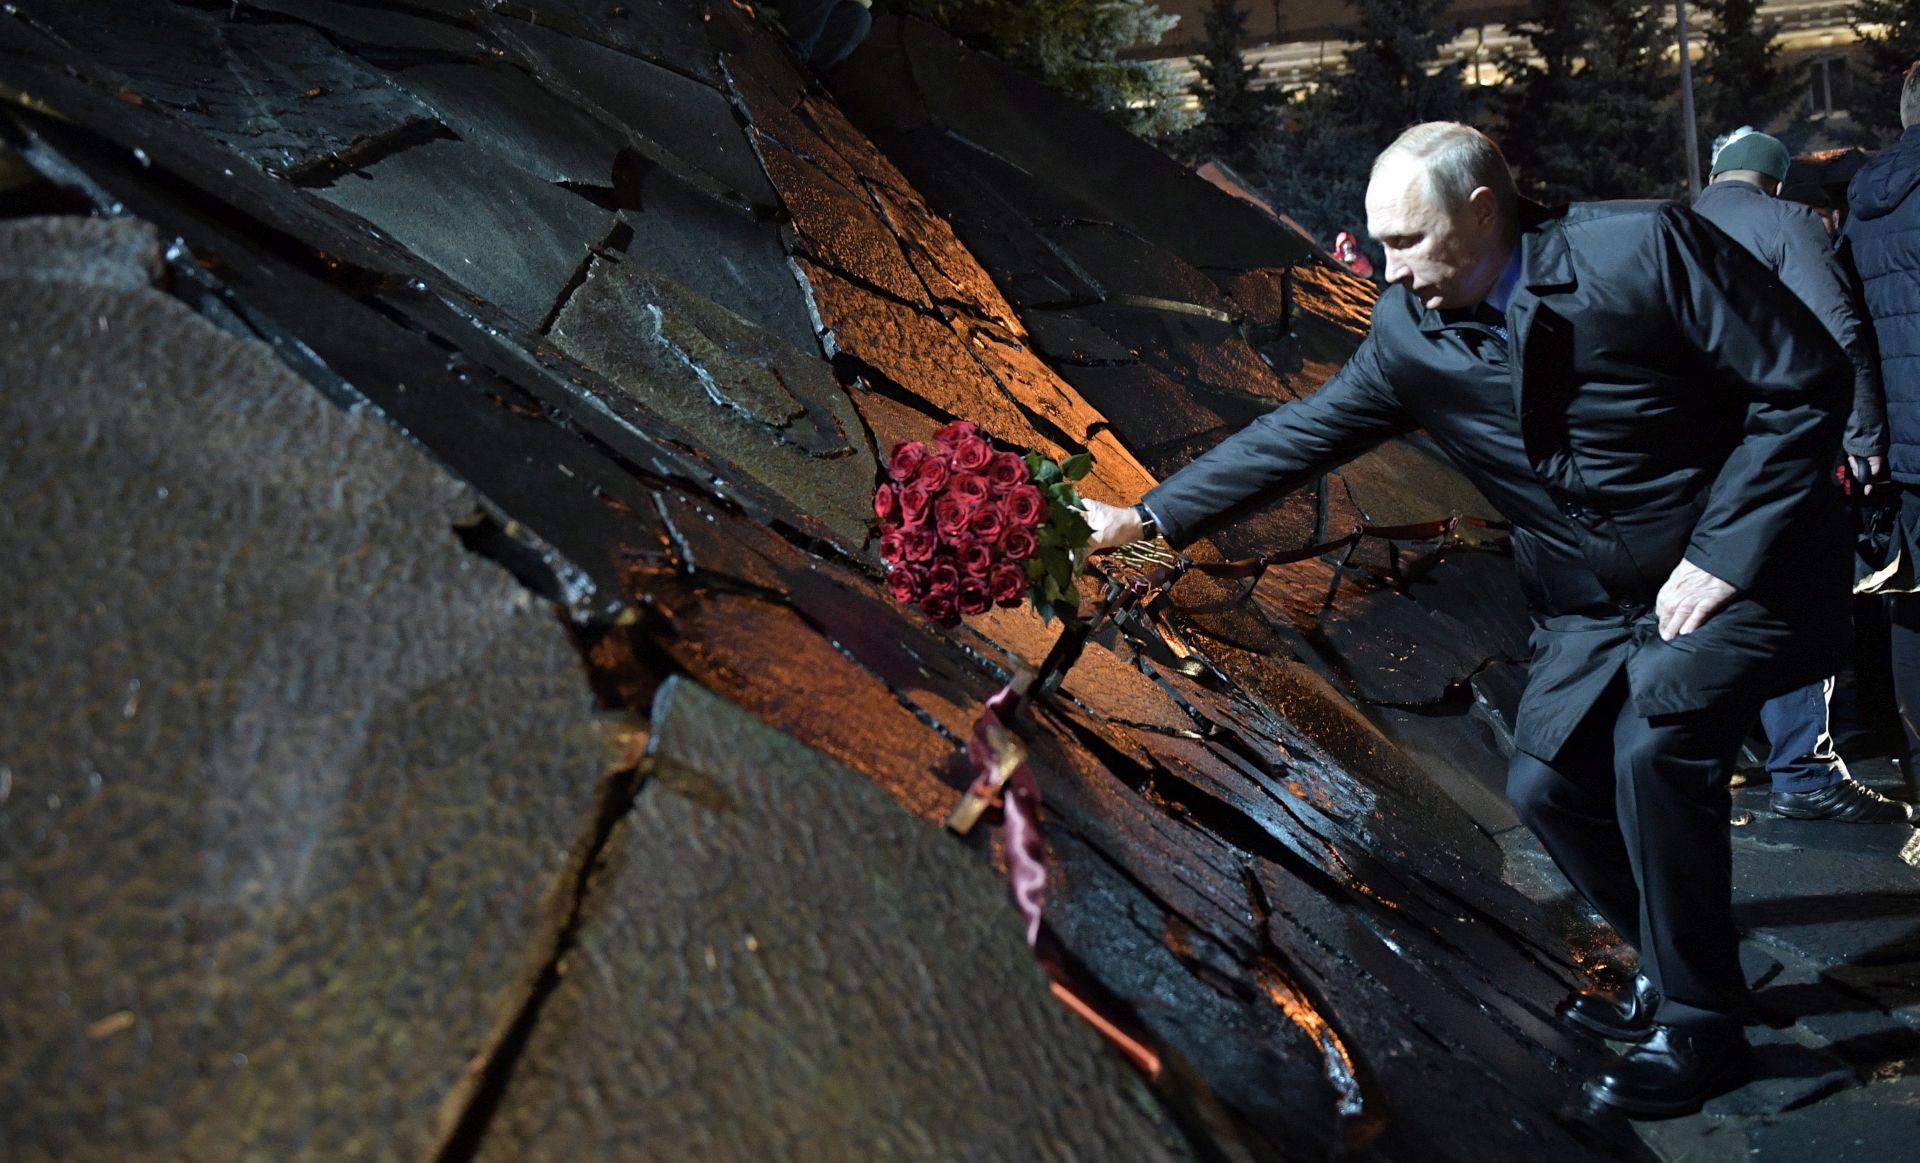 Putin otvorio spomenik Staljinovim žrtvama, disidenti kažu da je to cinizam